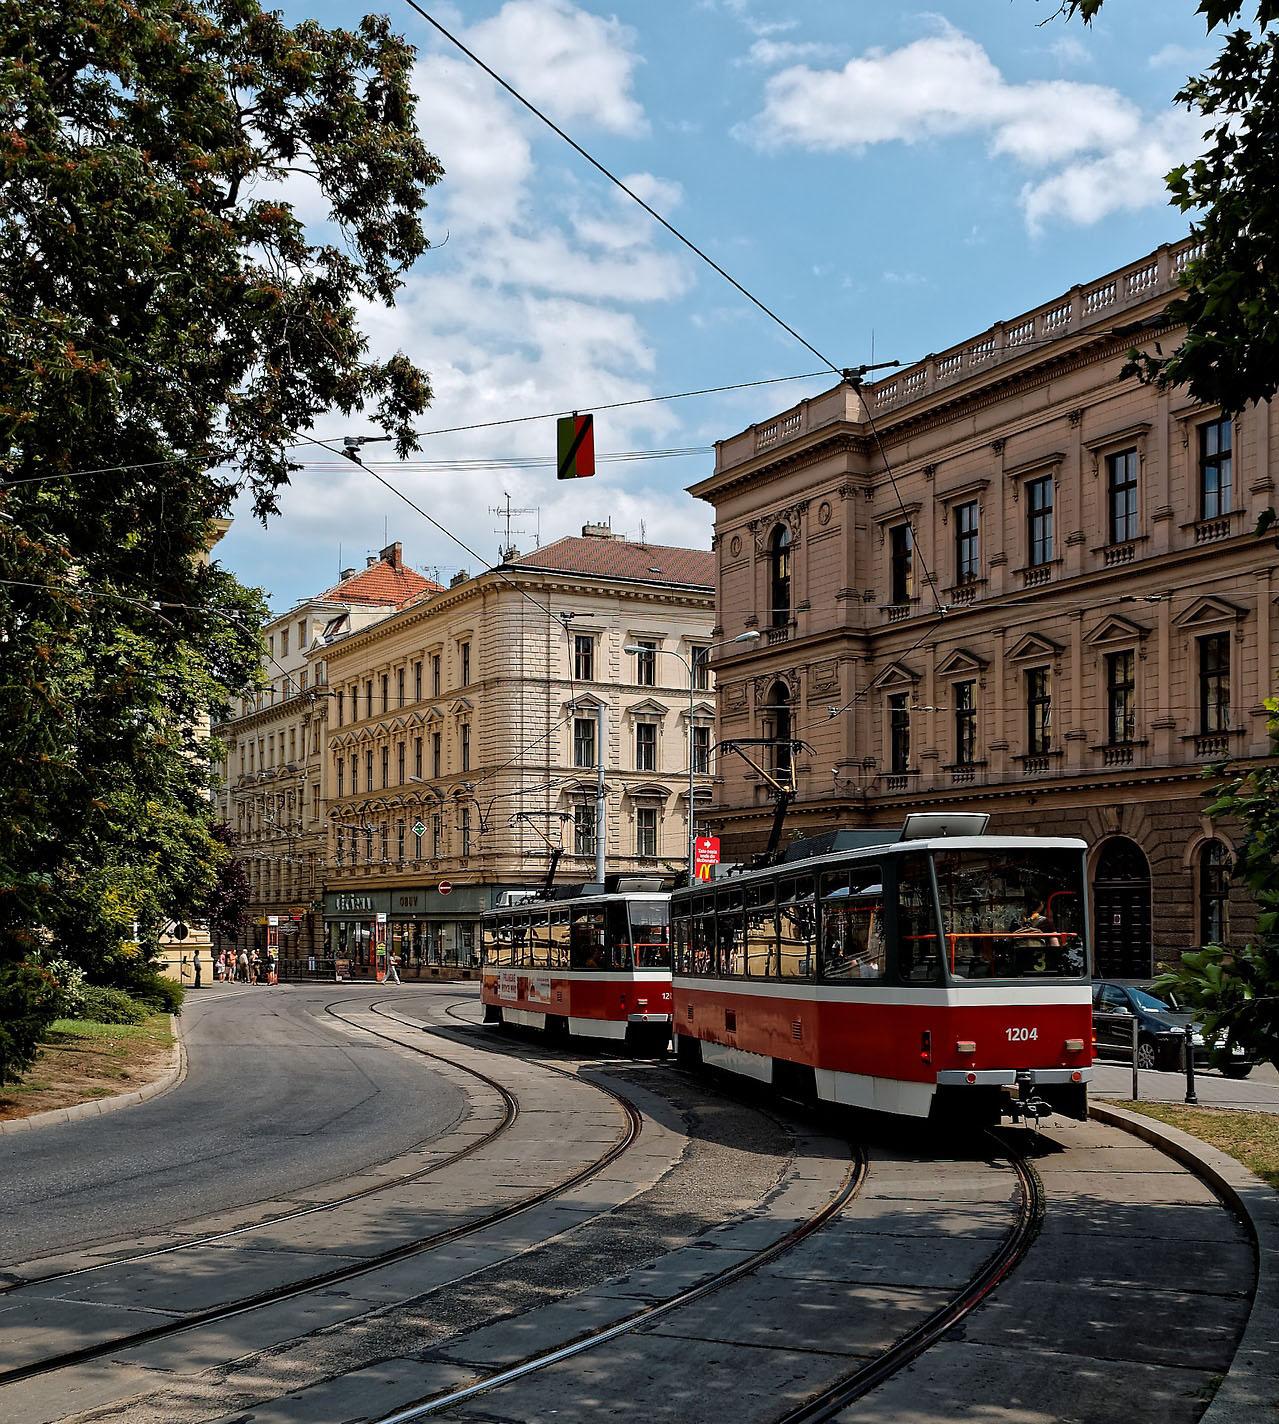 Un tram dans la ville de Brno en République Tchèque